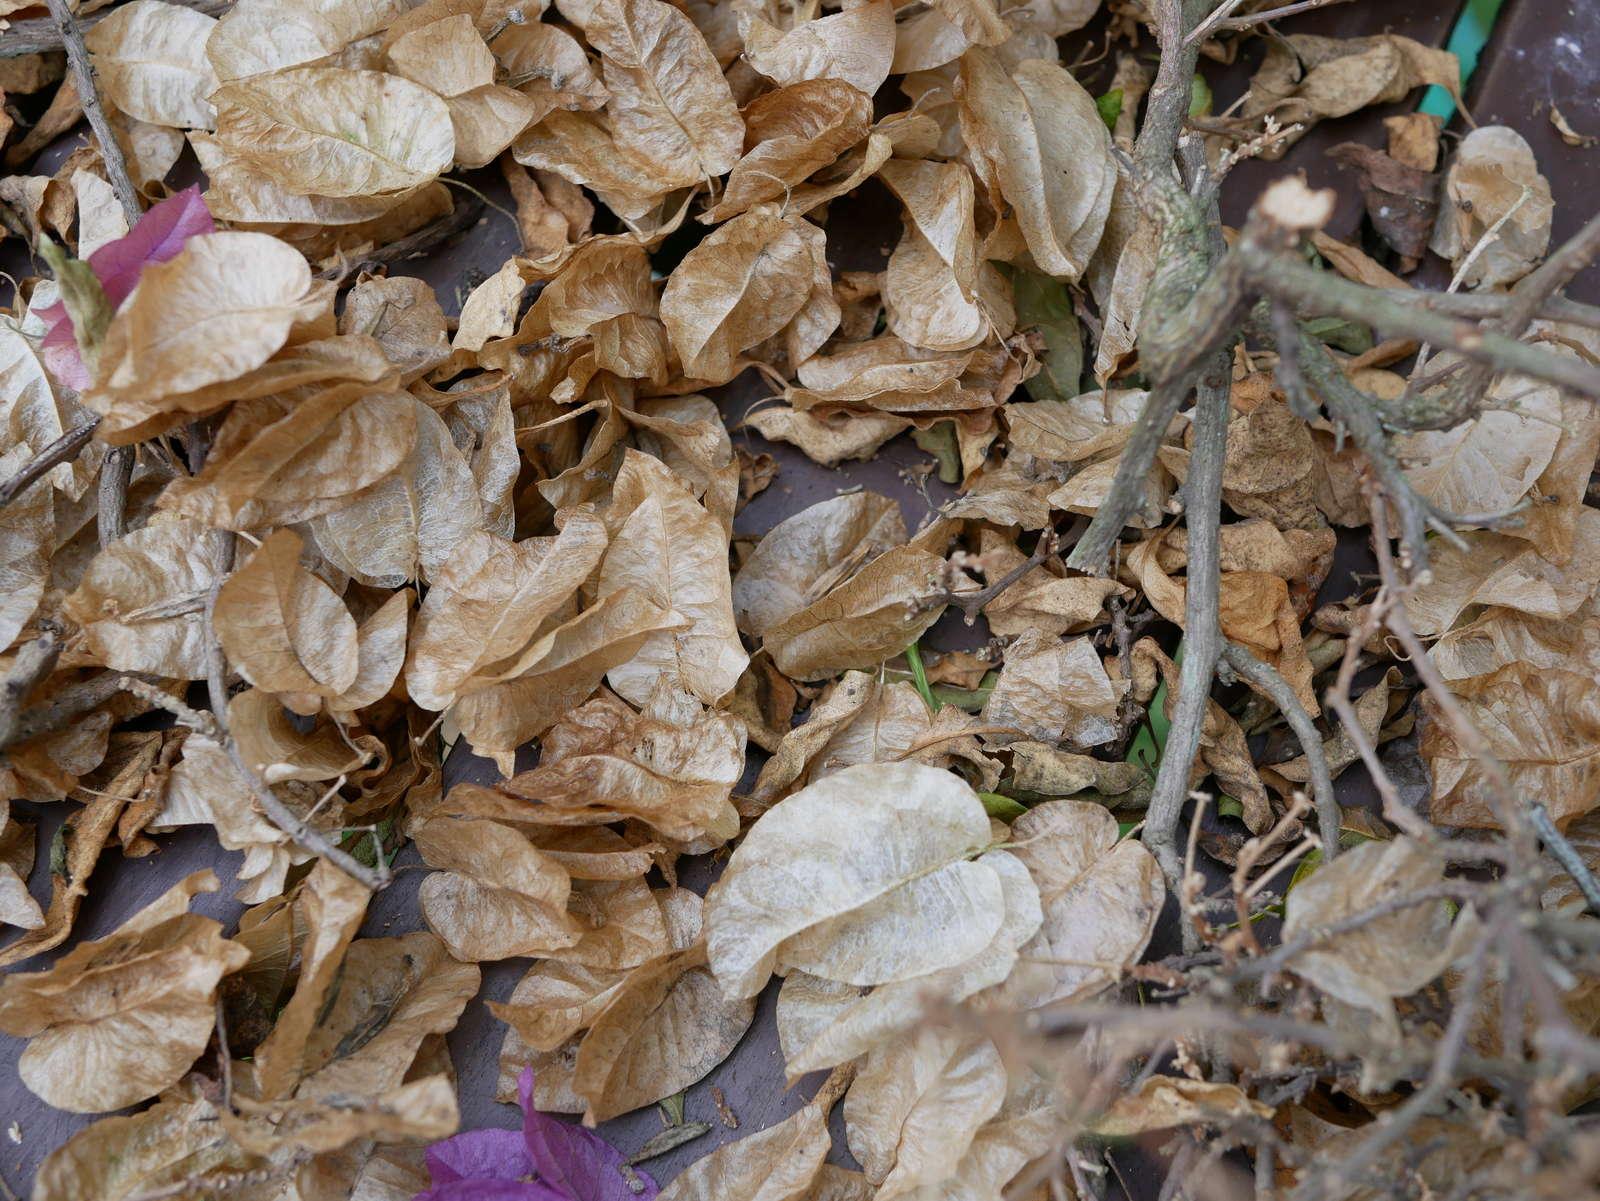 Außergewöhnlich Bougainvillea: Winterharte Blütenpracht oder aufwändig überwintern @XP_87